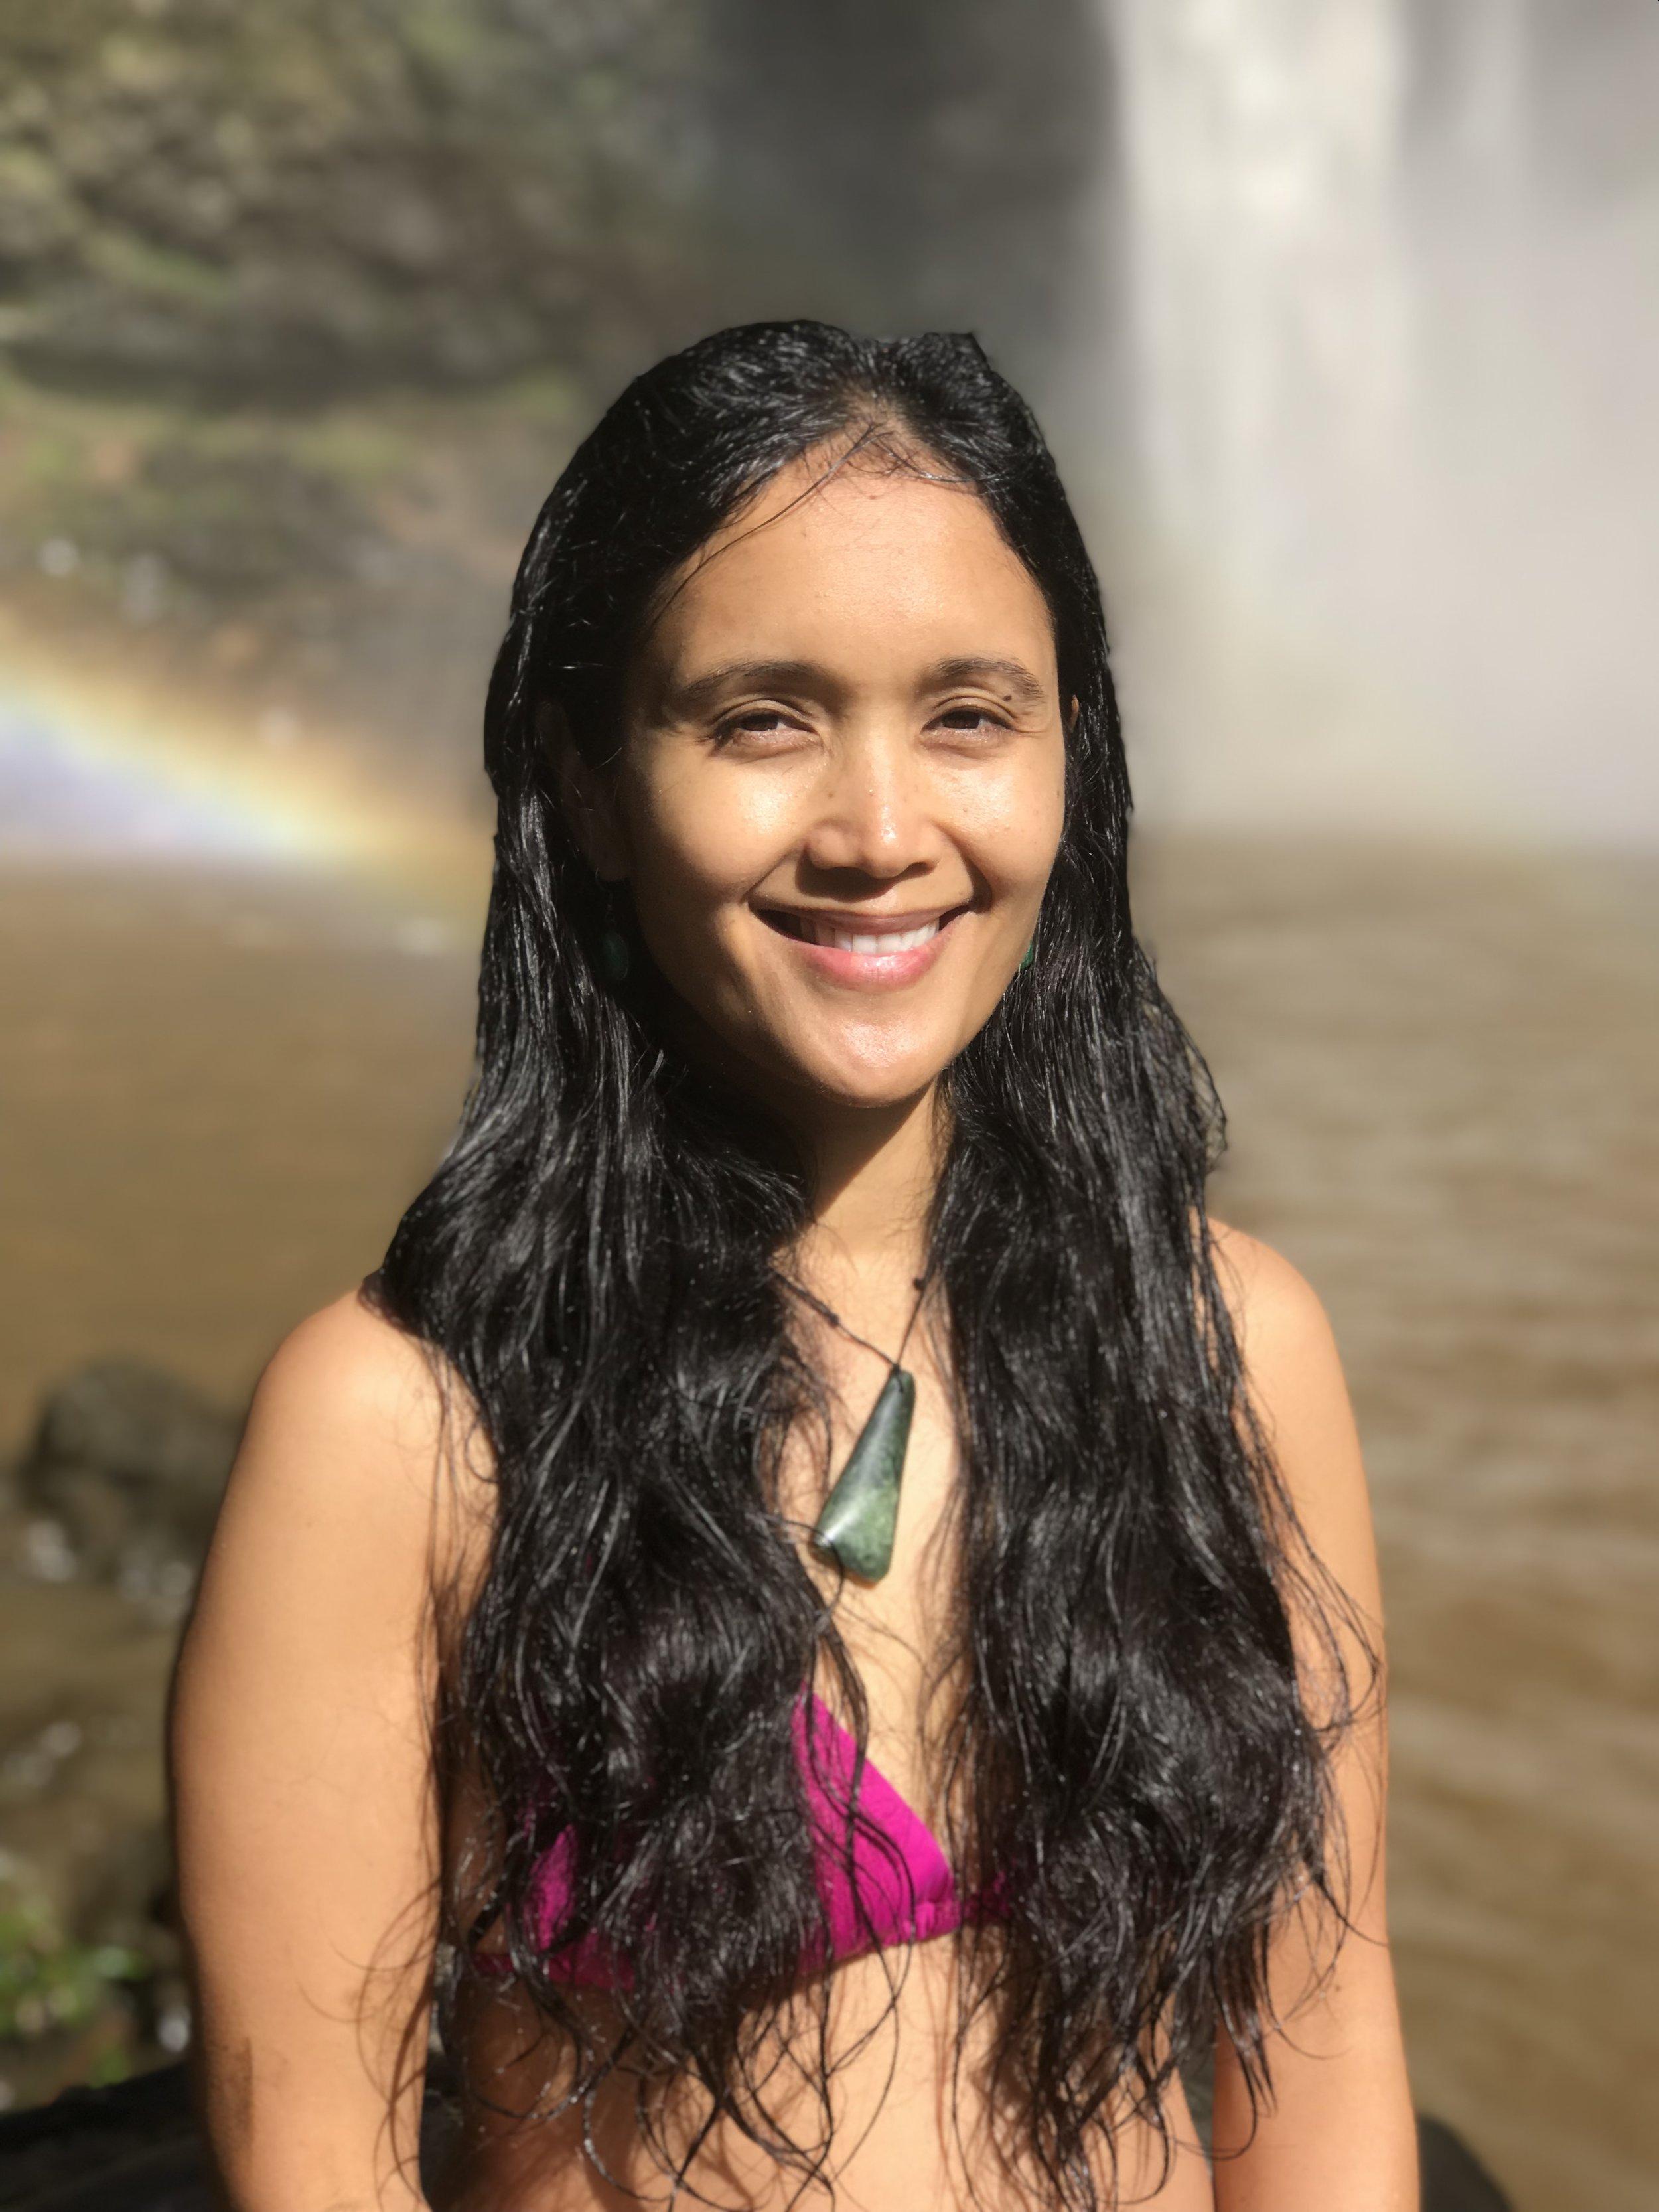 Zeny_Profile2 - Hawaii School of Yoga.JPG